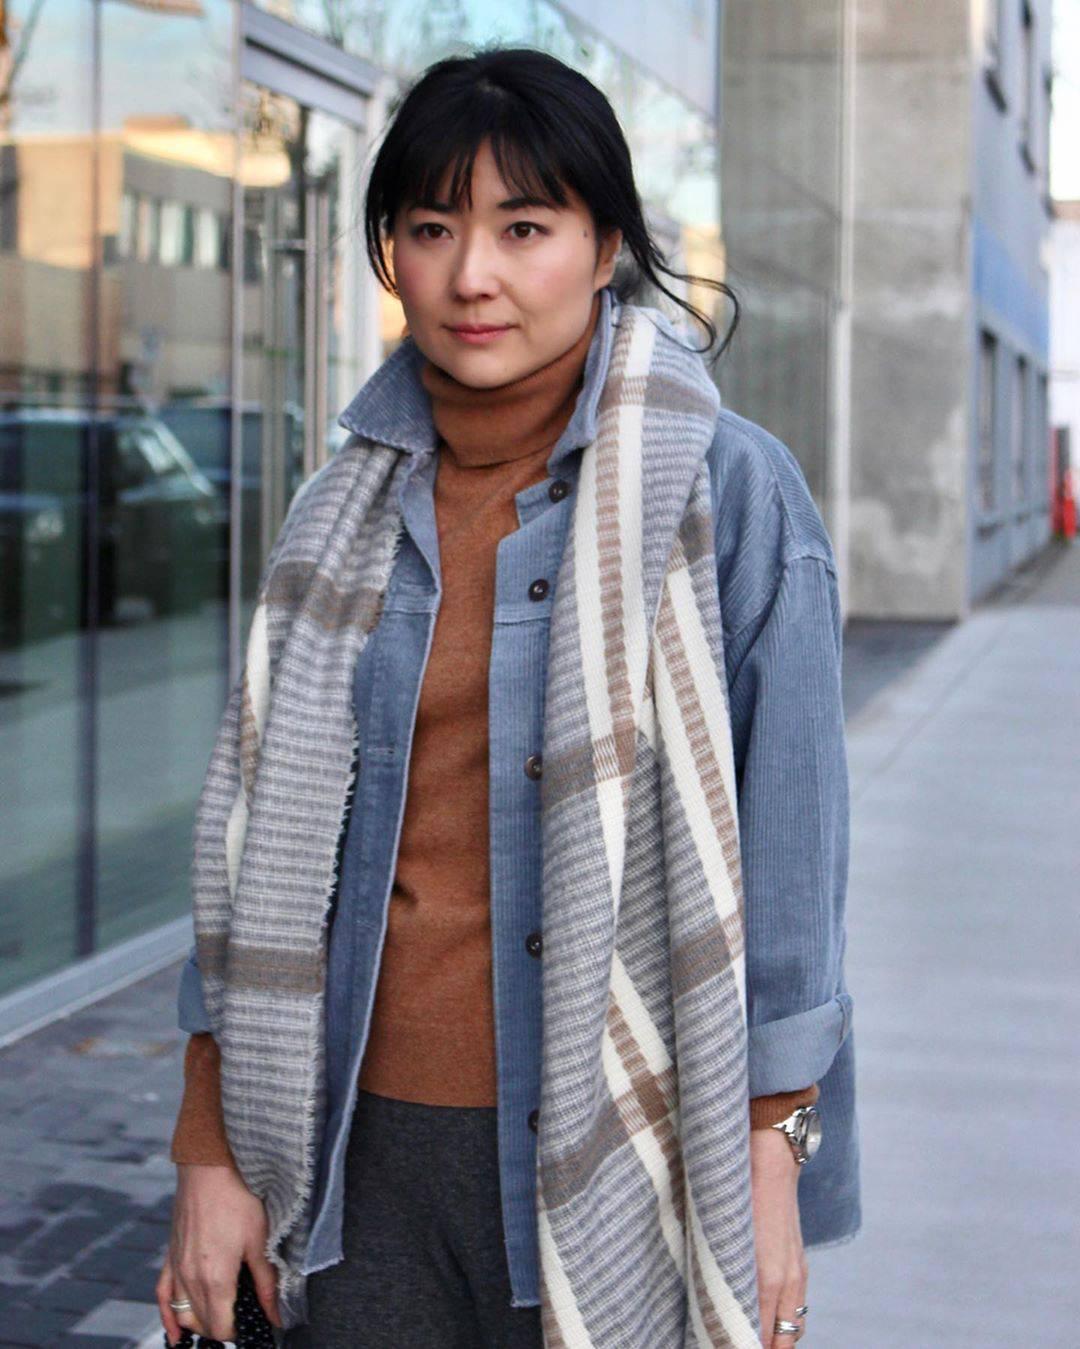 最高気温8度・最低気温1度 i.styleclosetの服装